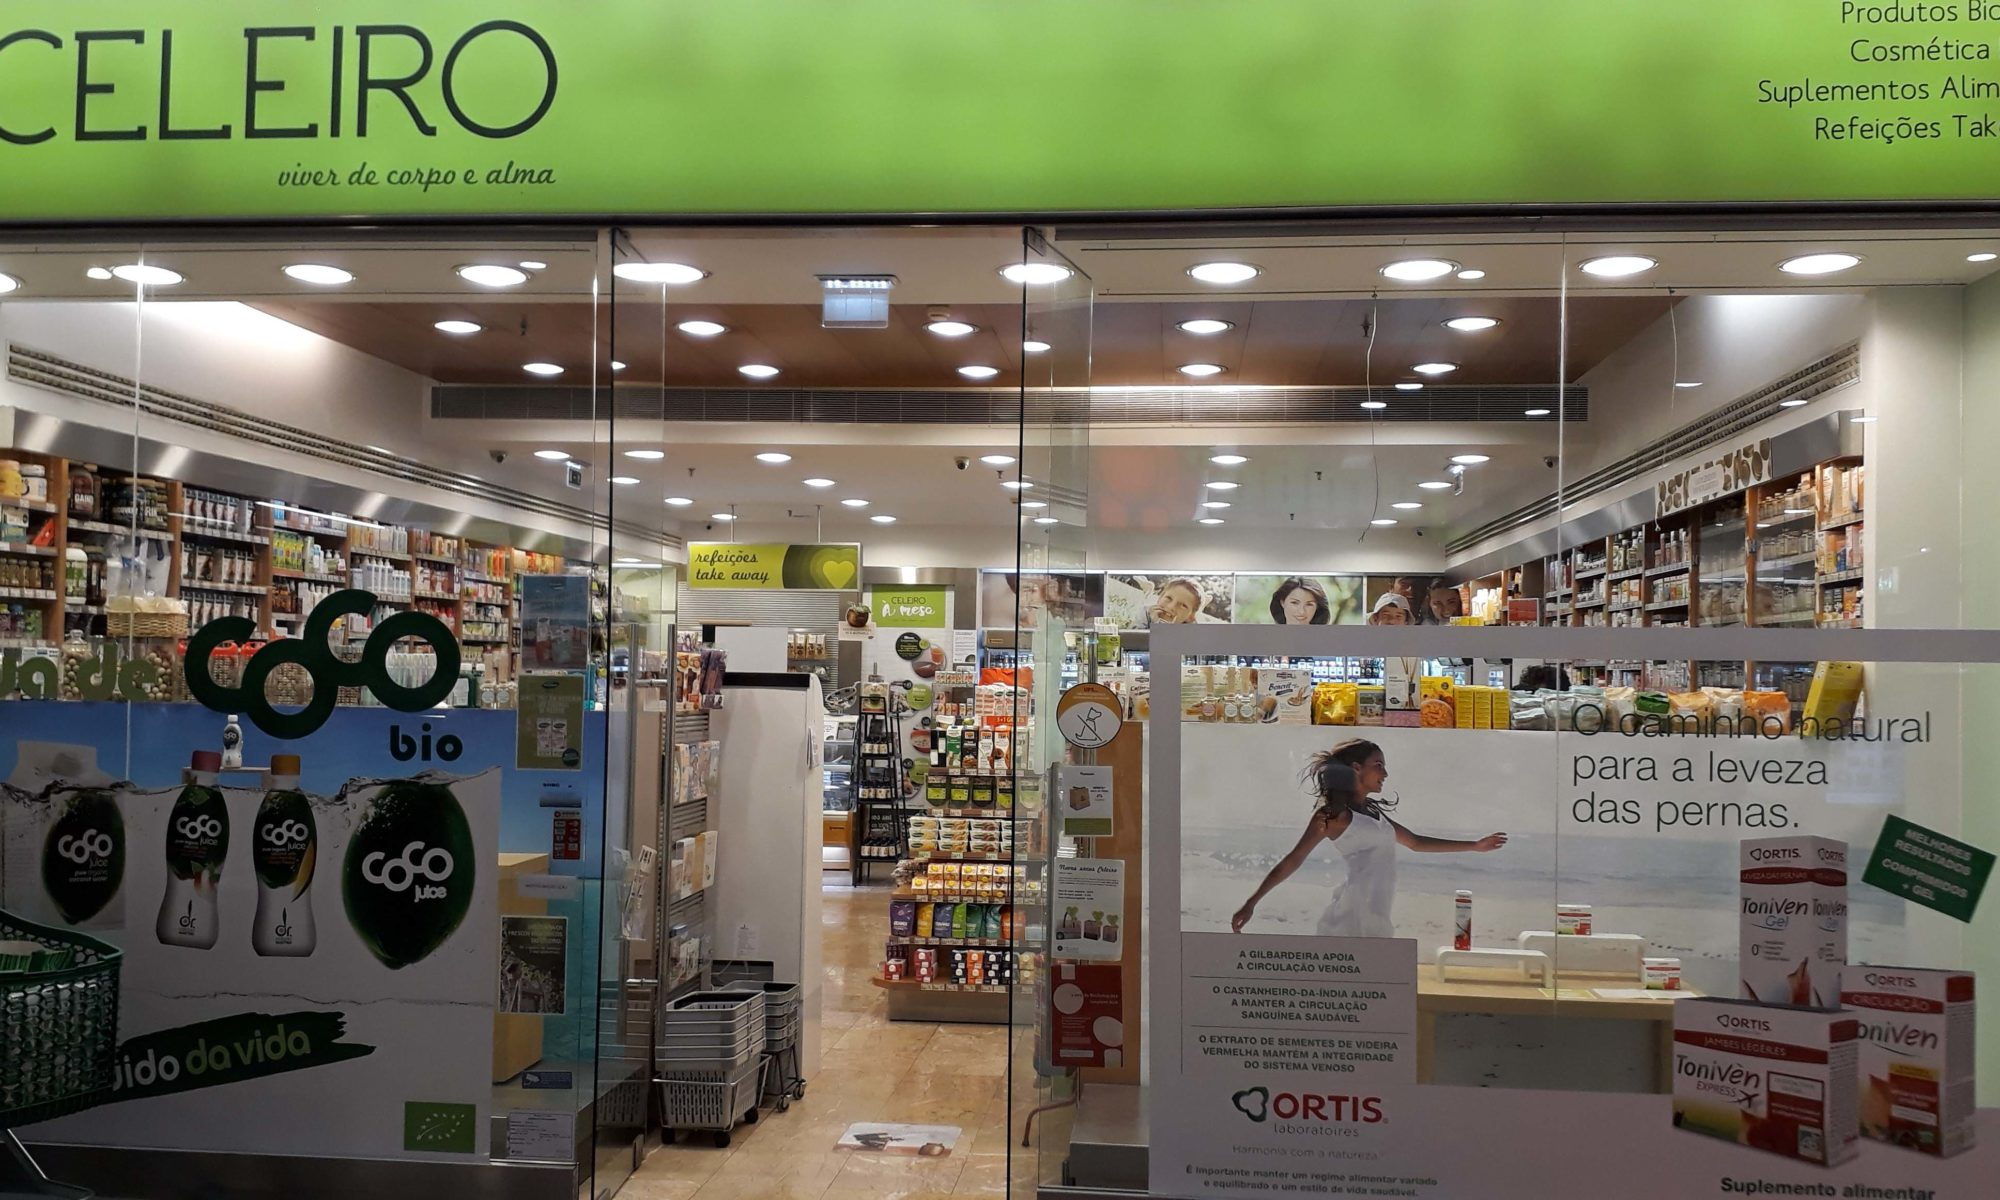 Vegane Produkte bei Celeiro in Portugal